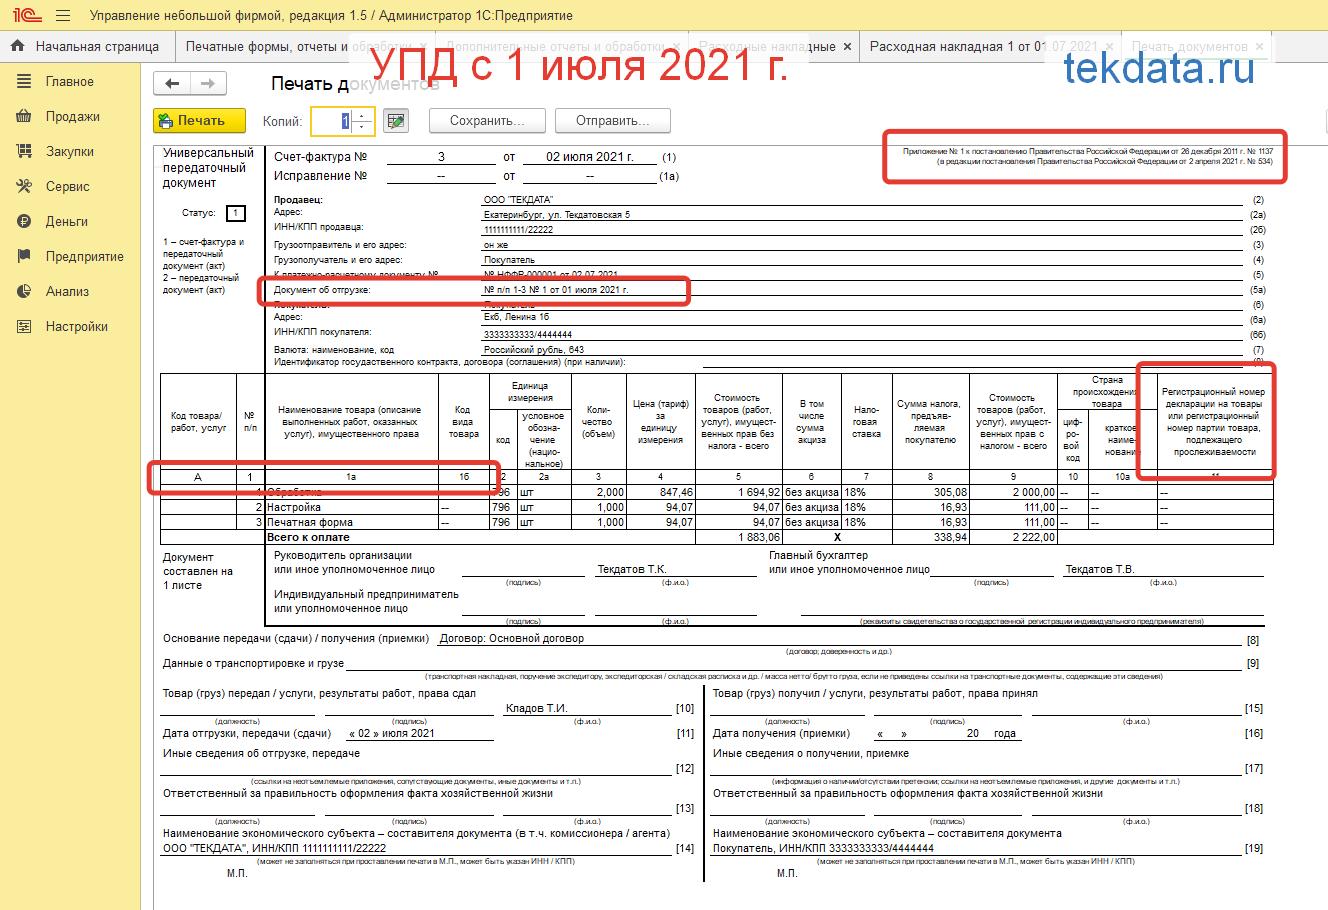 УПД с 1 июля 2021 года для непрослеживаемых товаров для 1С УНФ 1.5-1.6 (Внешняя печатная форма)